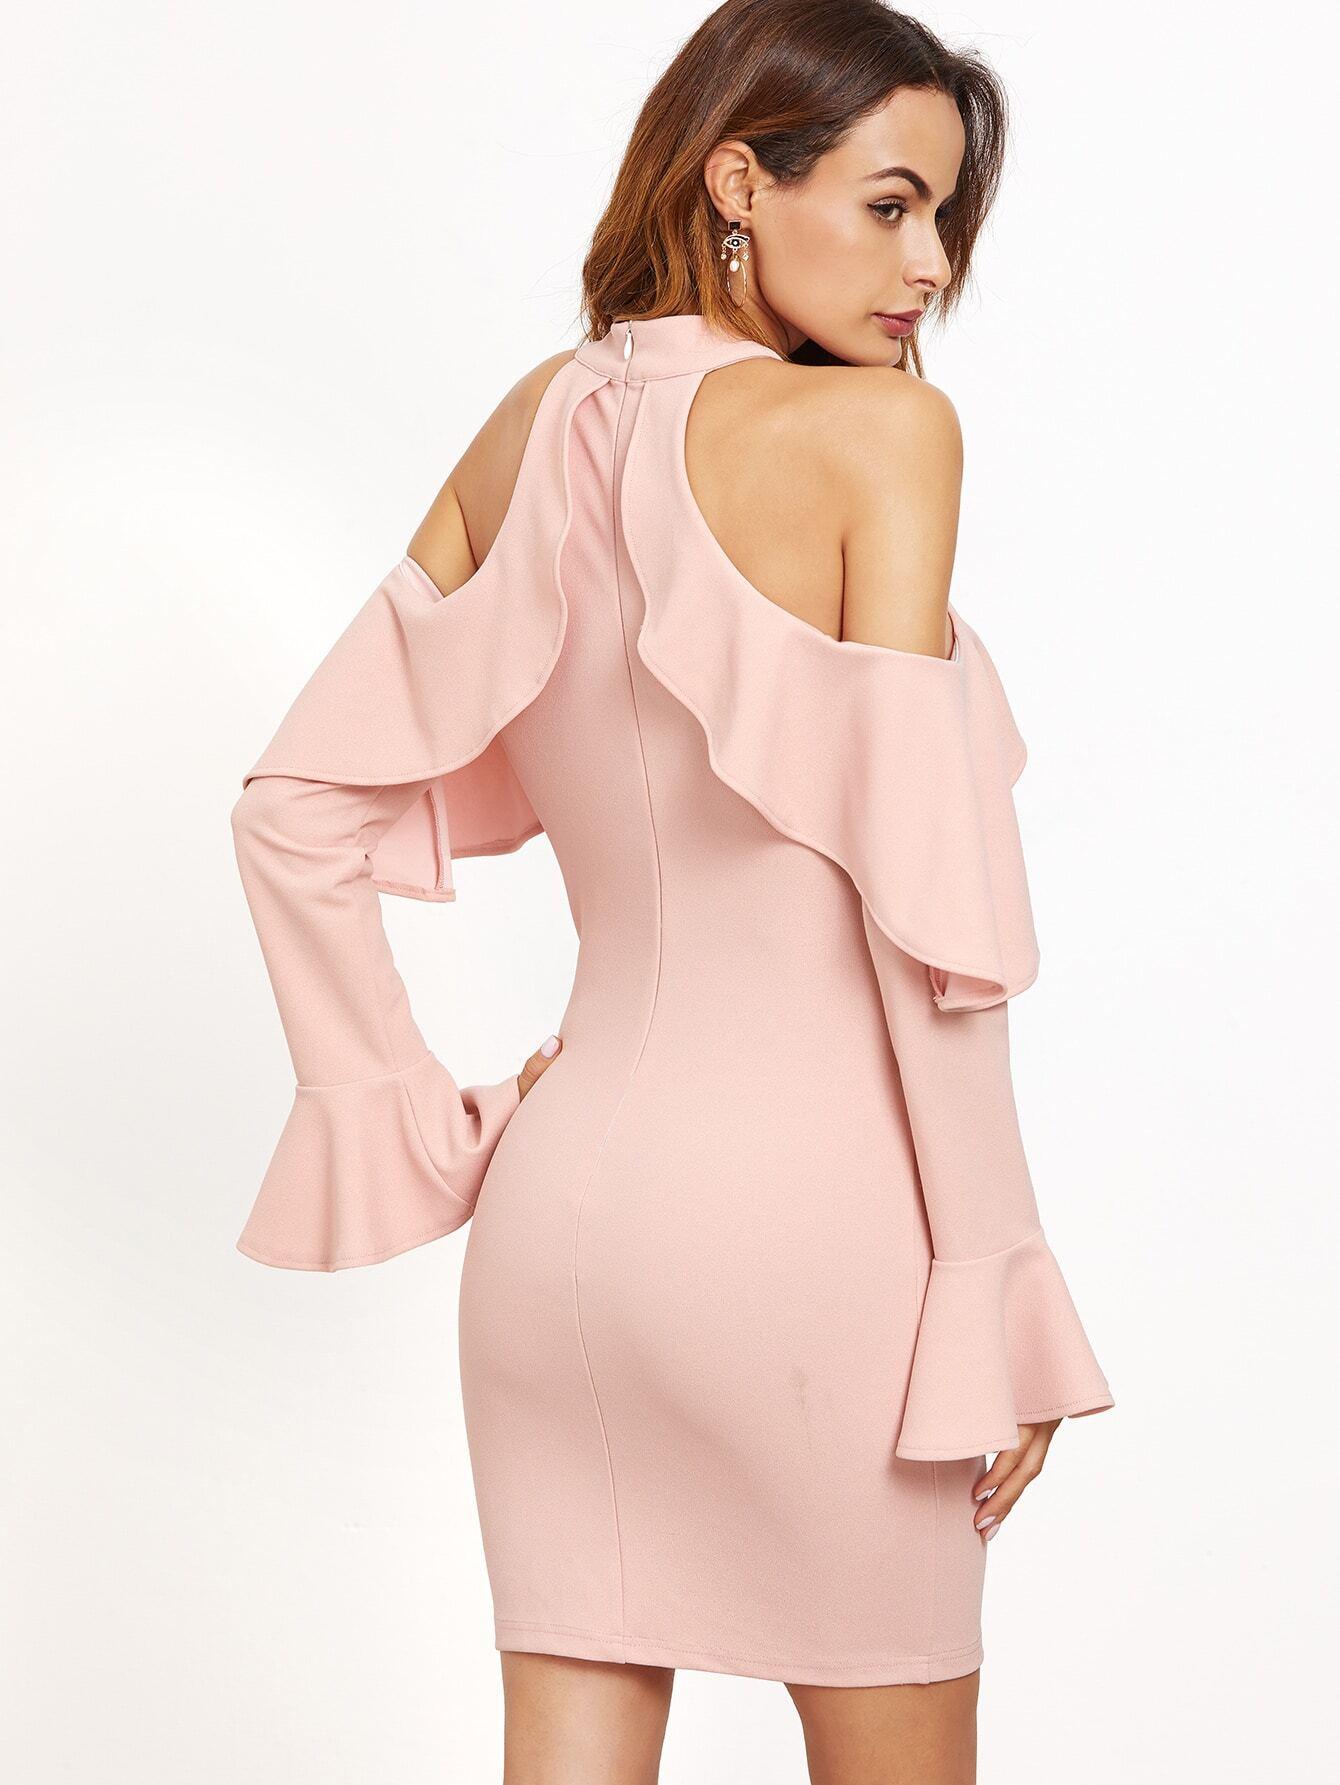 dress161021708_2